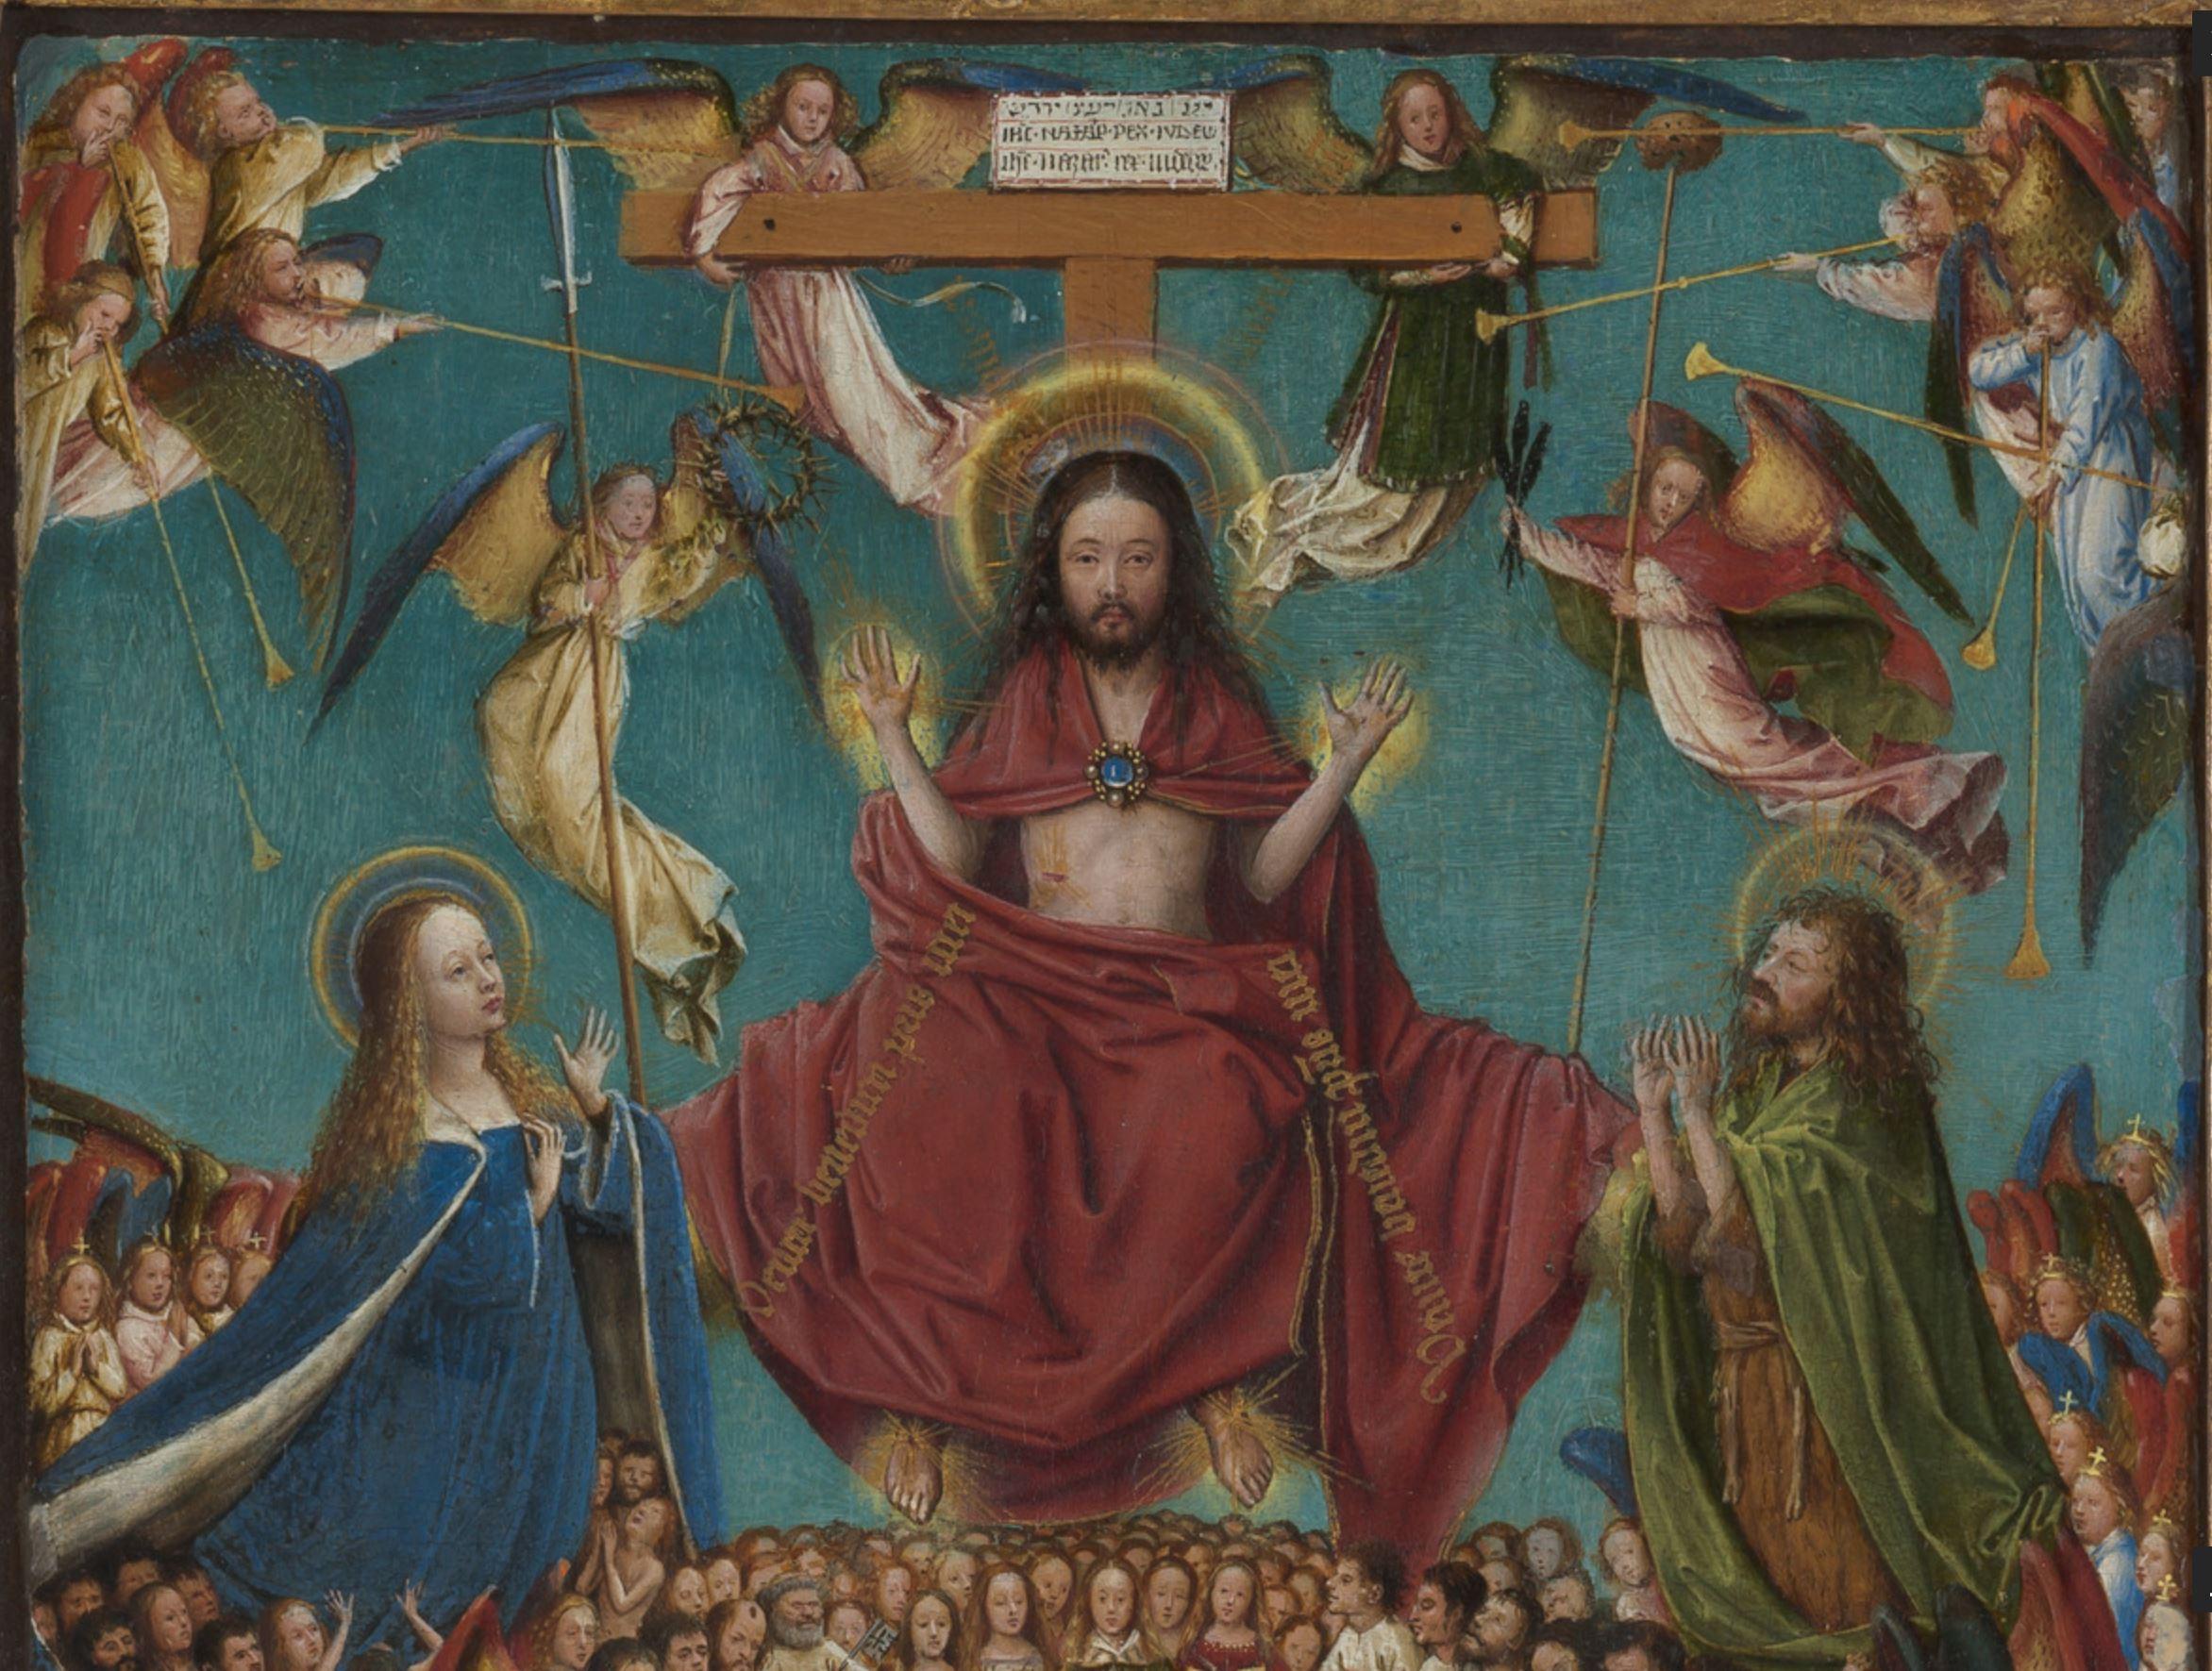 Jugement dernier Van Eyck 1430 MET detail christ